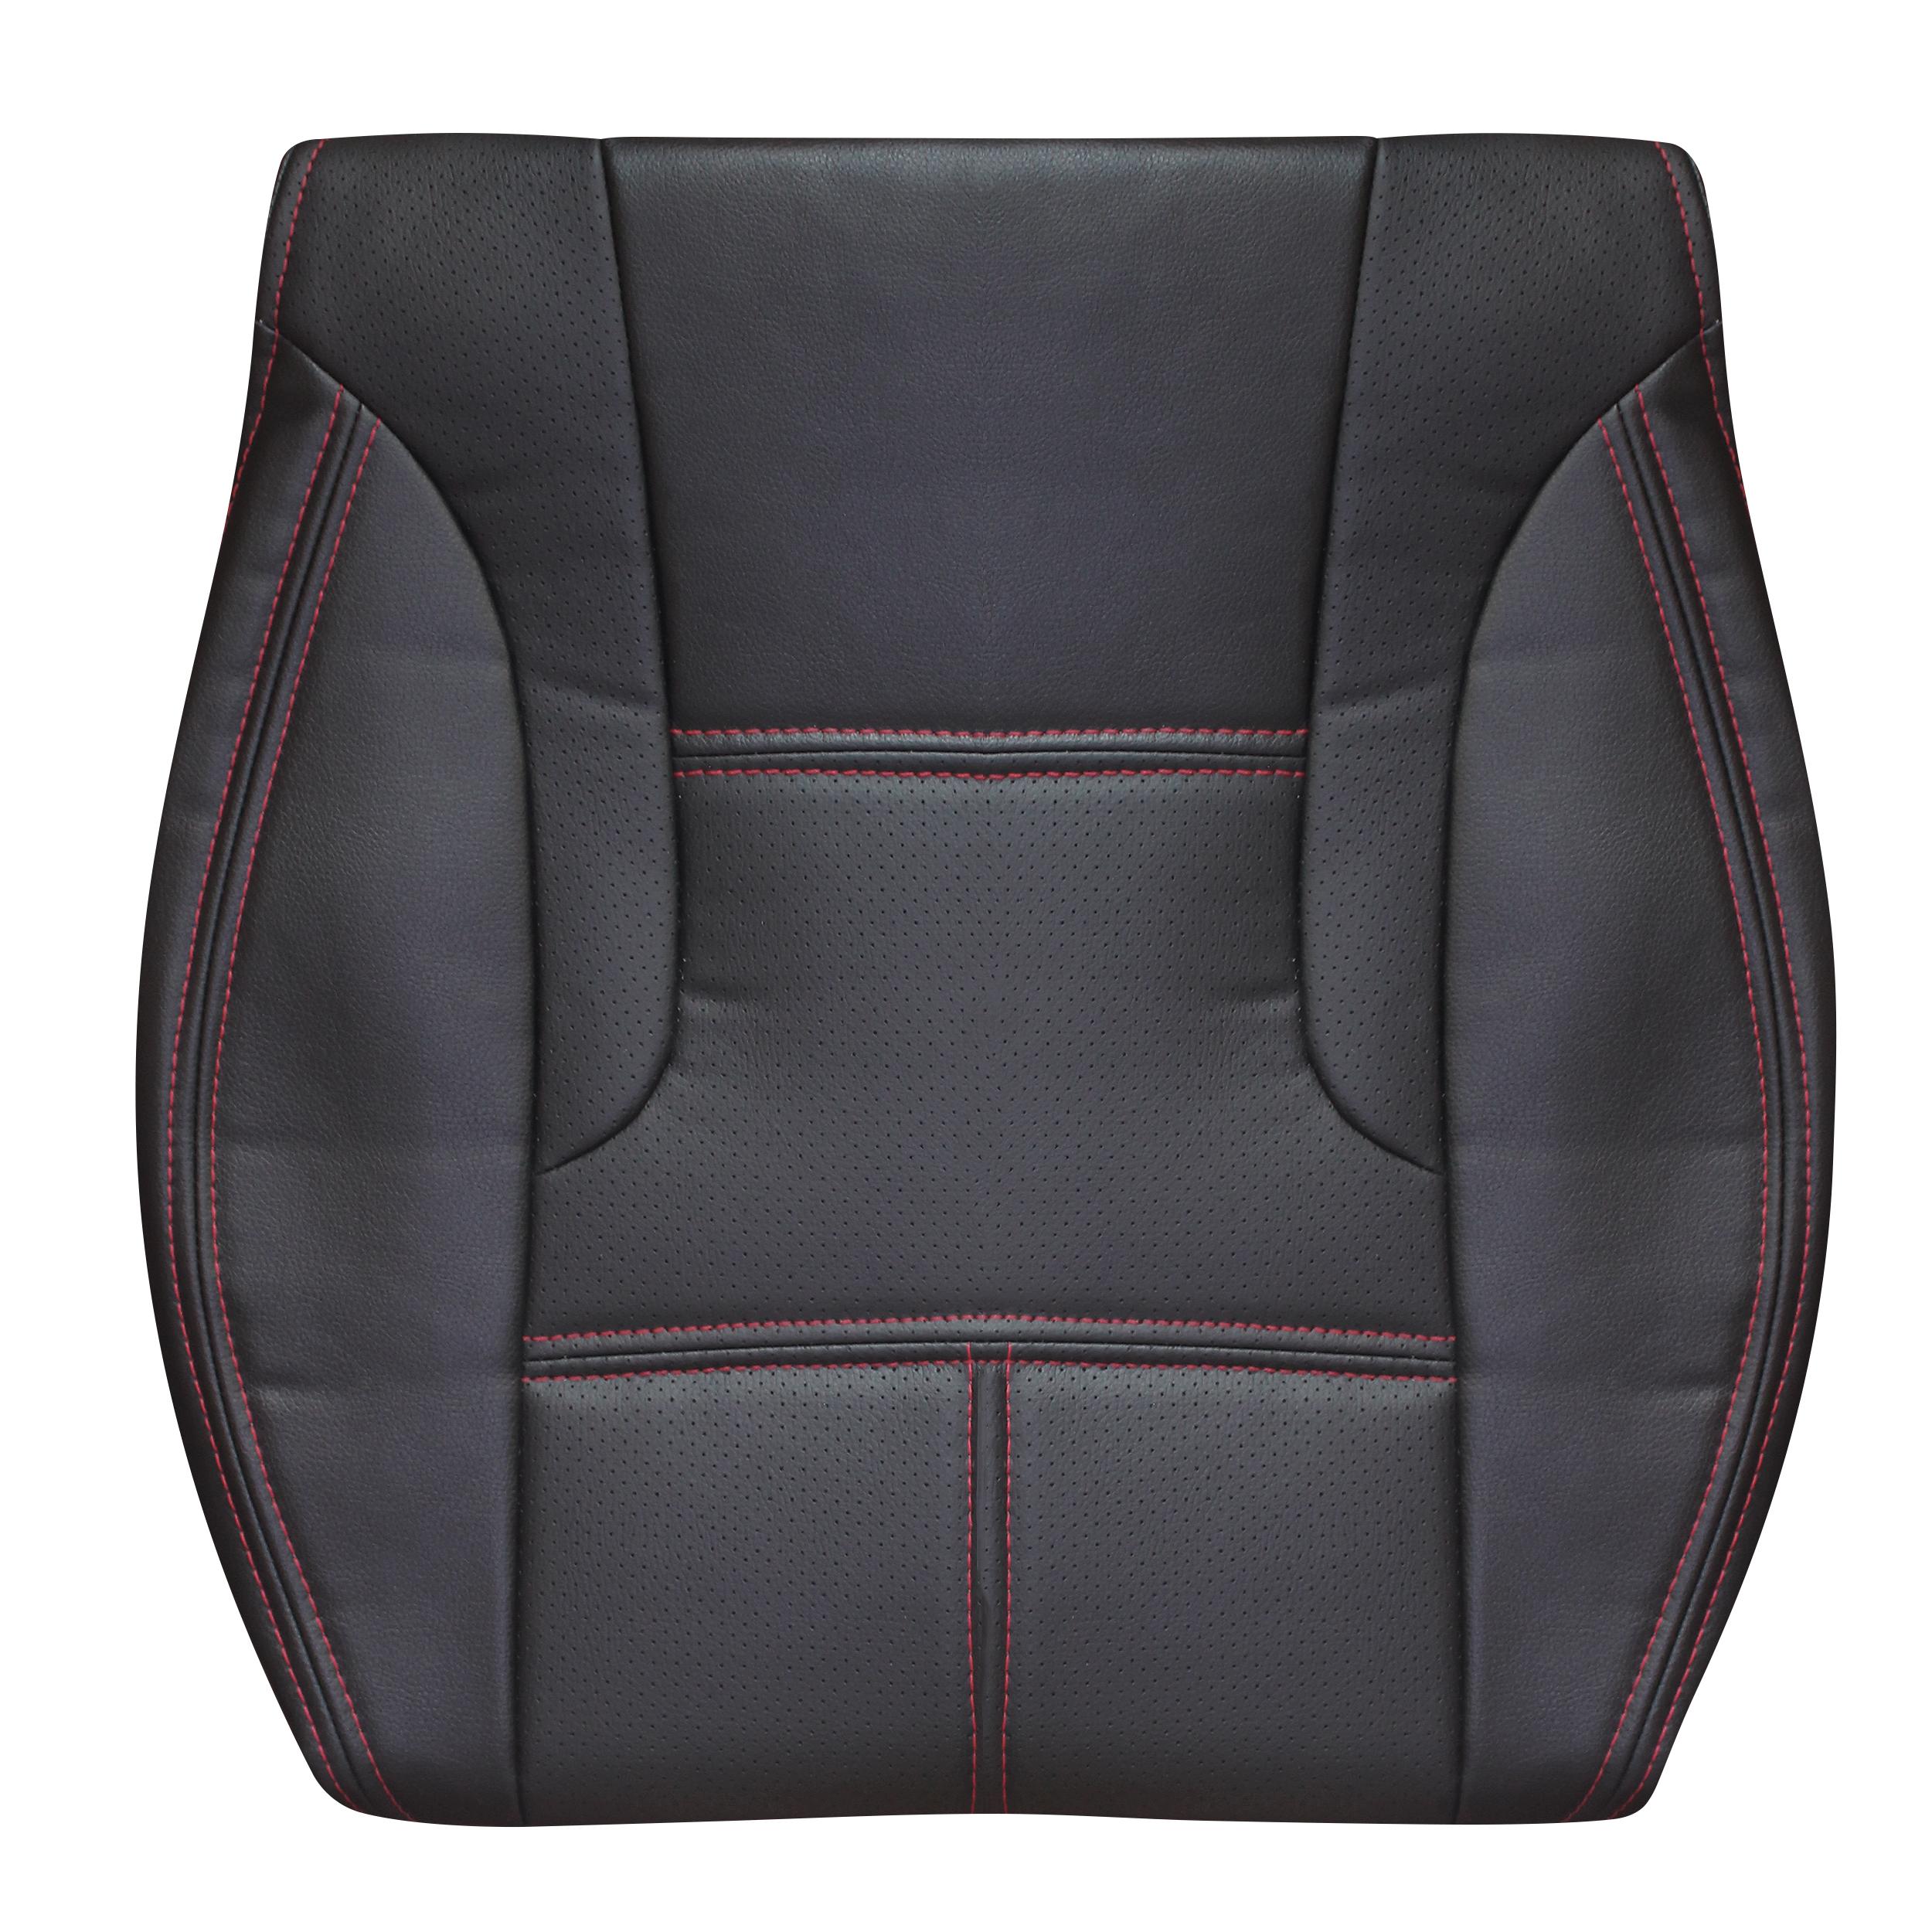 روکش صندلی خودرو مدل بایکو مناسب برای پراید